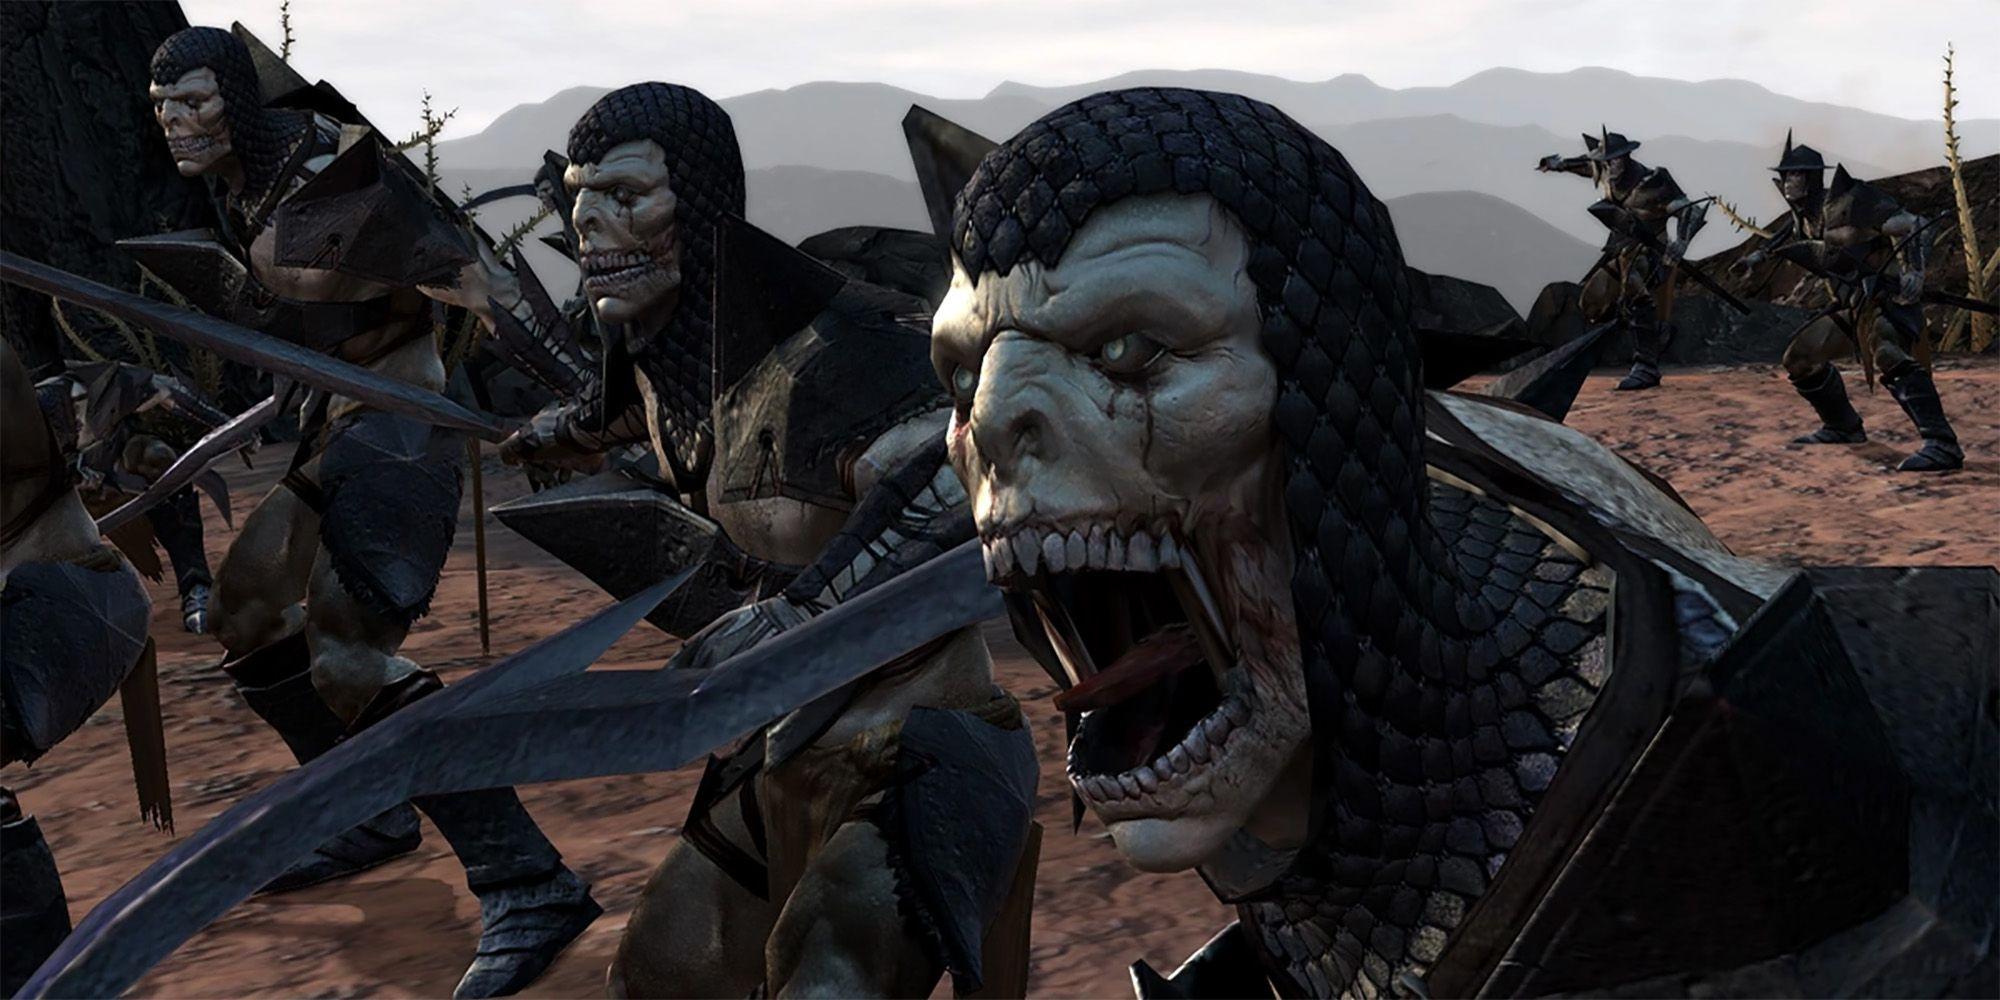 Dragon Age: 5 Ways Blue Wraith Is Faithful to Fenris